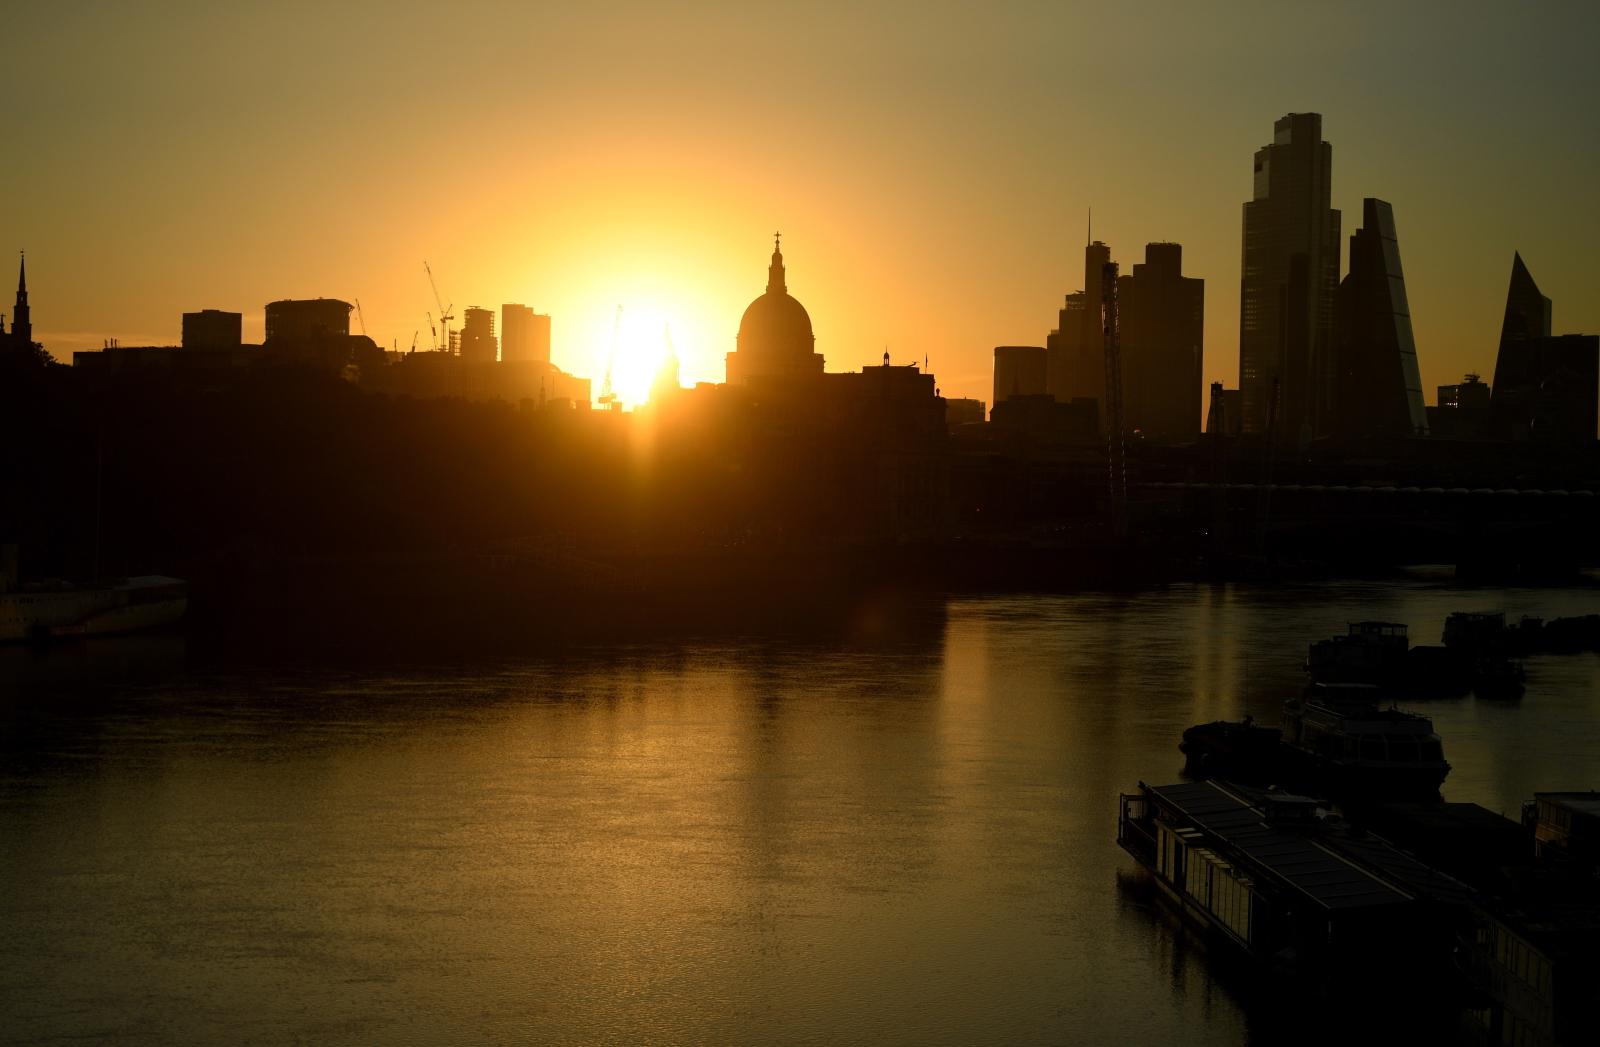 Słoneczny poranek w Londynie fot. EPA/NEIL HALL